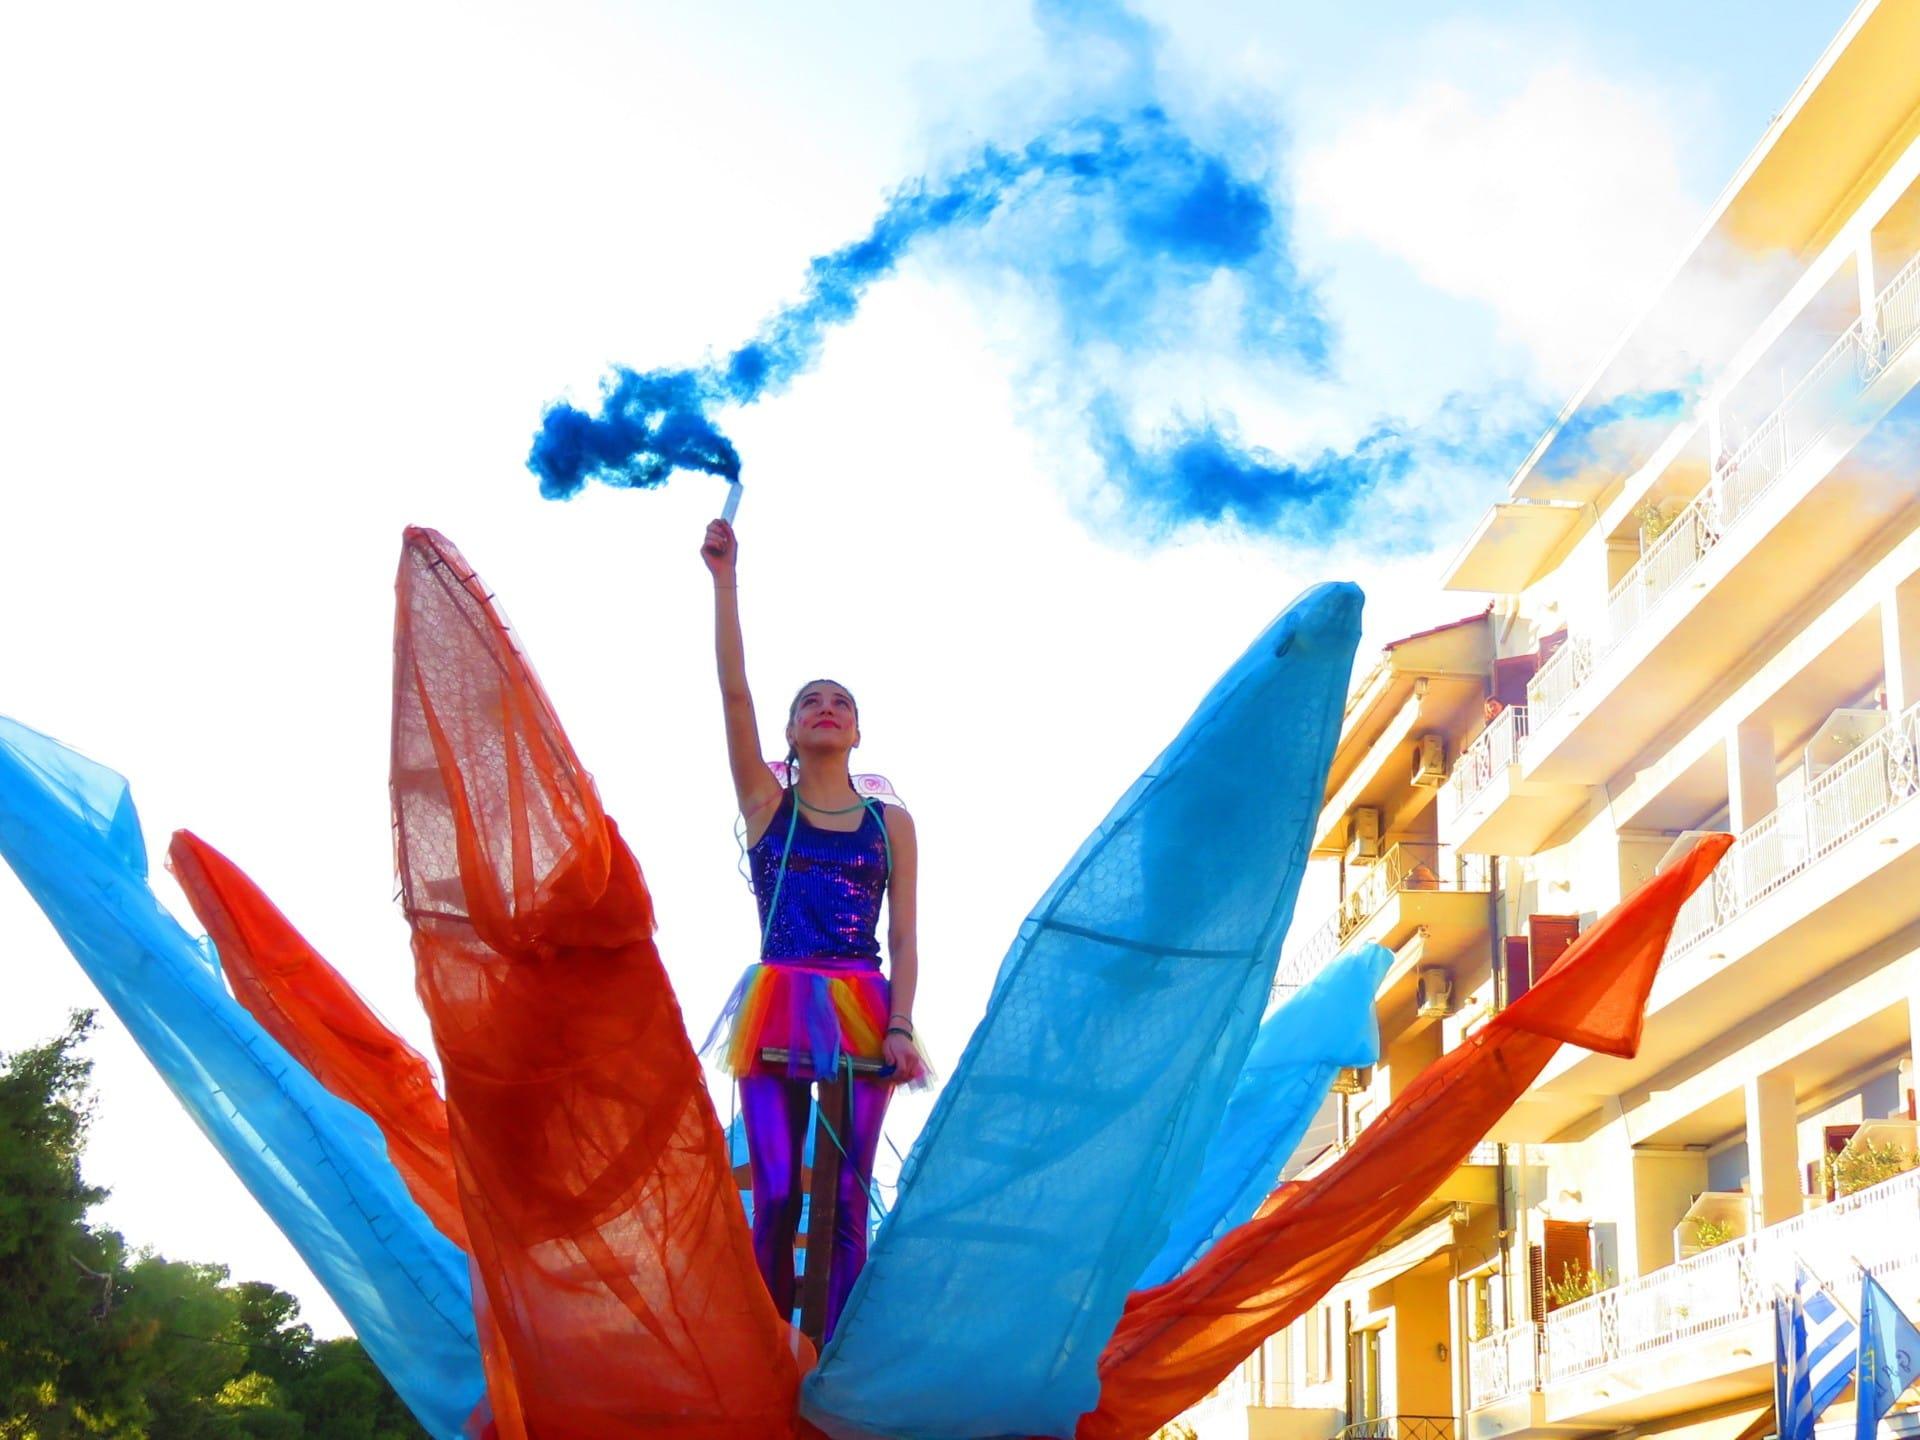 #ΙΤΕΑ : Οι καλύτερες φωτογραφίες από το Καρναβάλι στο Λιμάνι 2020